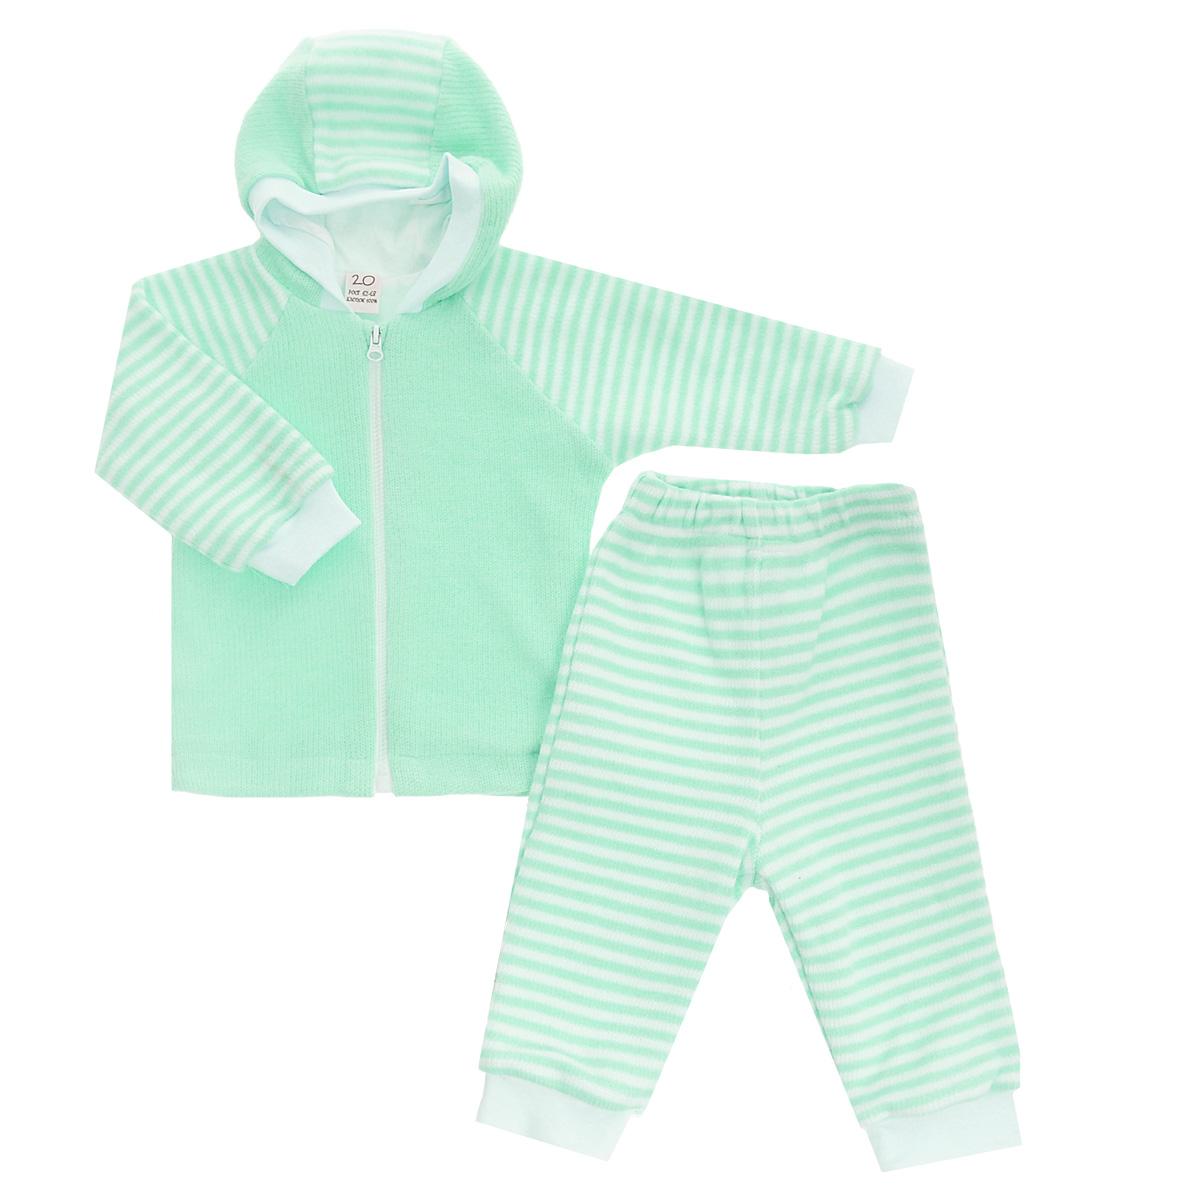 Комплект детский Lucky Child: кофта, брюки, цвет: зеленый, белая полоска. 4-15. Размер 80/864-15Детский вязаный комплект Lucky Child, состоящий из кофты и брюк - очень удобный и практичный. Комплект выполнен из натурального хлопка, на подкладке также используется натуральный хлопок, благодаря чему он необычайно мягкий и приятный на ощупь, не раздражают нежную кожу ребенка и хорошо вентилируются, а эластичные швы приятны телу малыша и не препятствуют его движениям. Кофта с капюшоном и длинными рукавами-реглан застегивается на пластиковую застежку-молнию. Рукава понизу дополнены широкими трикотажными манжетами, не перетягивающими запястья. Брюки прямого покроя на талии имеют широкую эластичную резинку, благодаря чему они не сдавливают животик ребенка и не сползают. Понизу штанины также дополнены широкими трикотажными манжетами. Комплект идеален как самостоятельная верхняя одежда прохладным летом или ранней осенью. Комплект полностью соответствует особенностям жизни малыша, не стесняя и не ограничивая его в движениях!